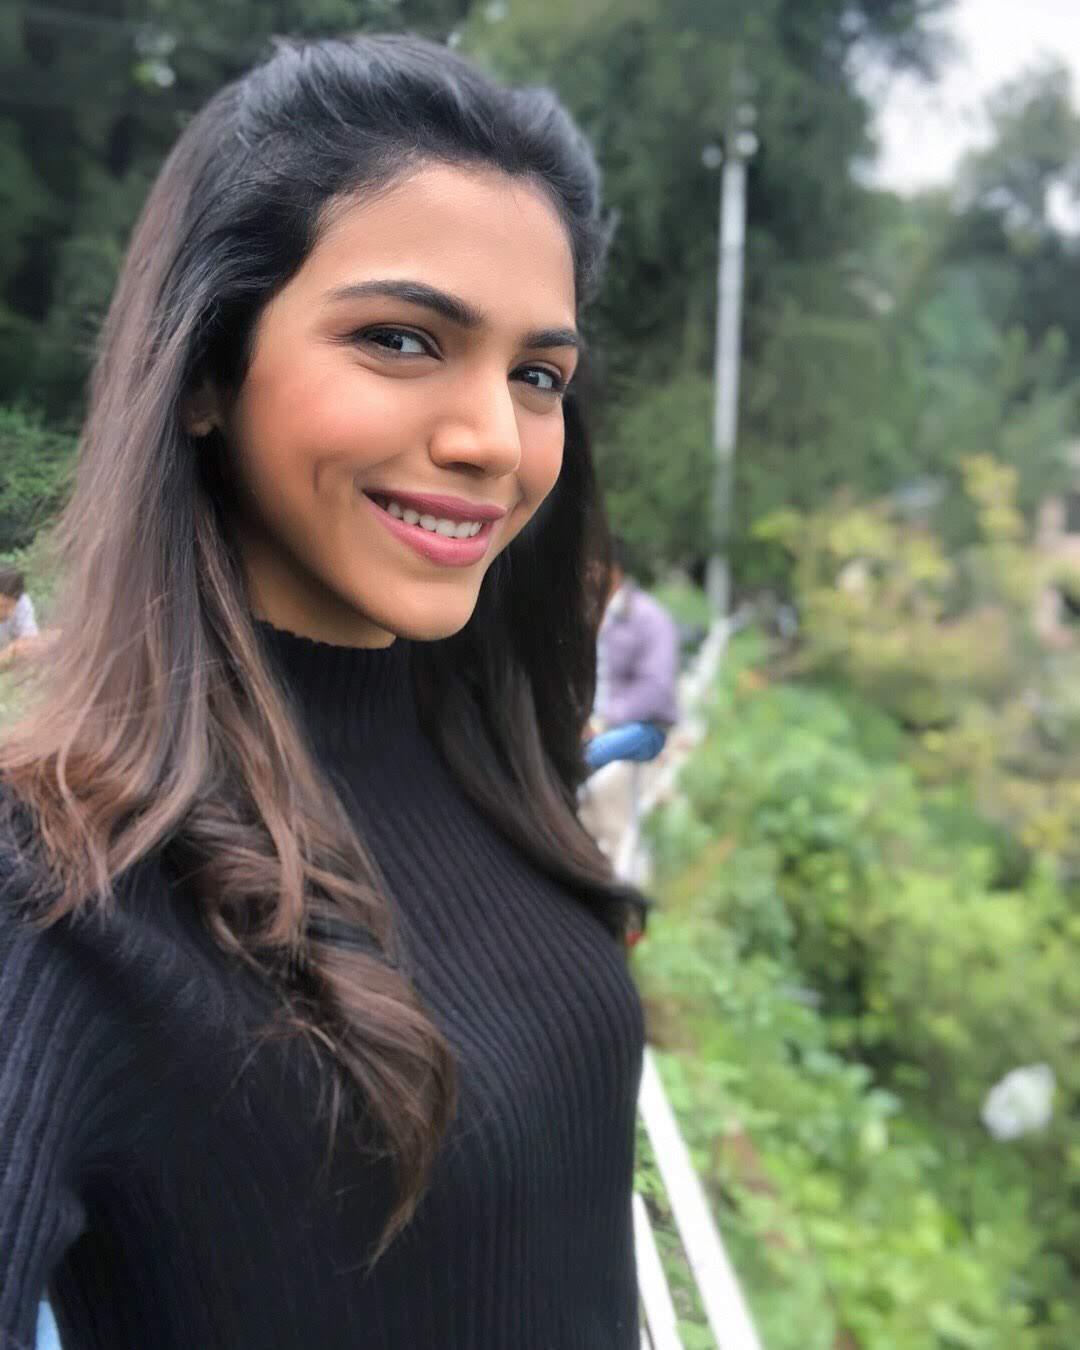 shriya-pilgaonkar-5152229